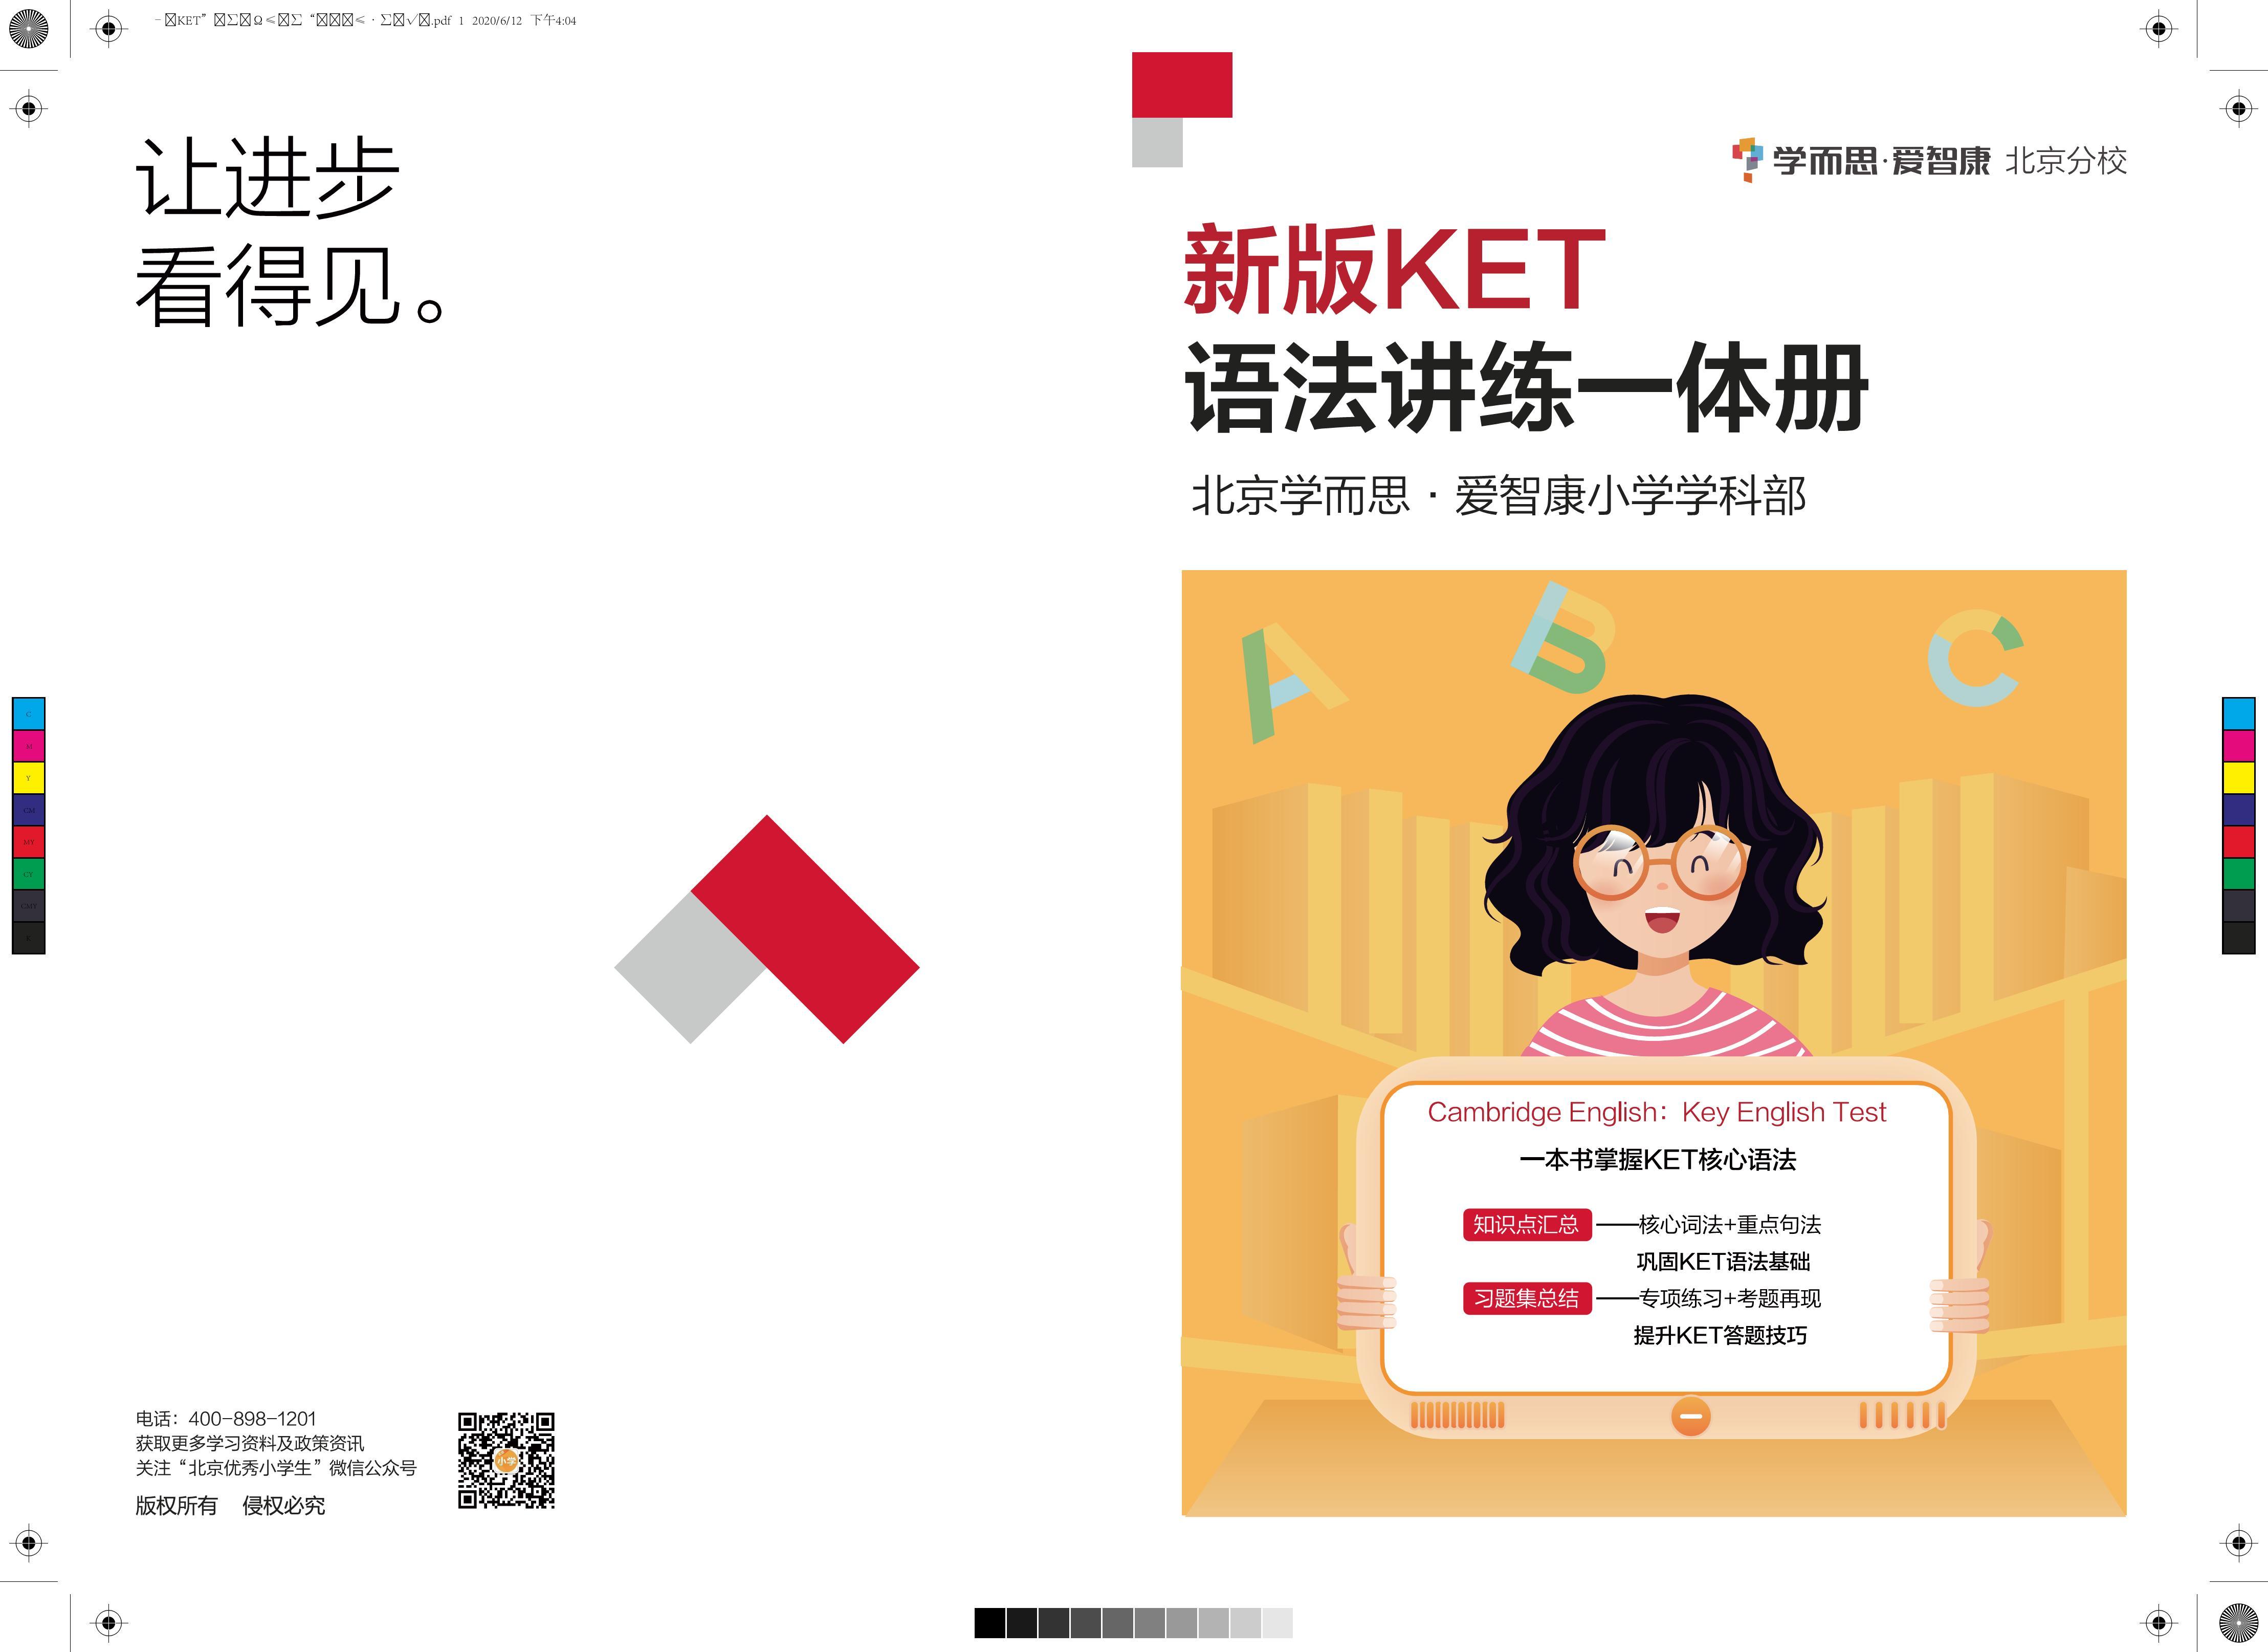 新版KET语法讲练一体册封面.jpg